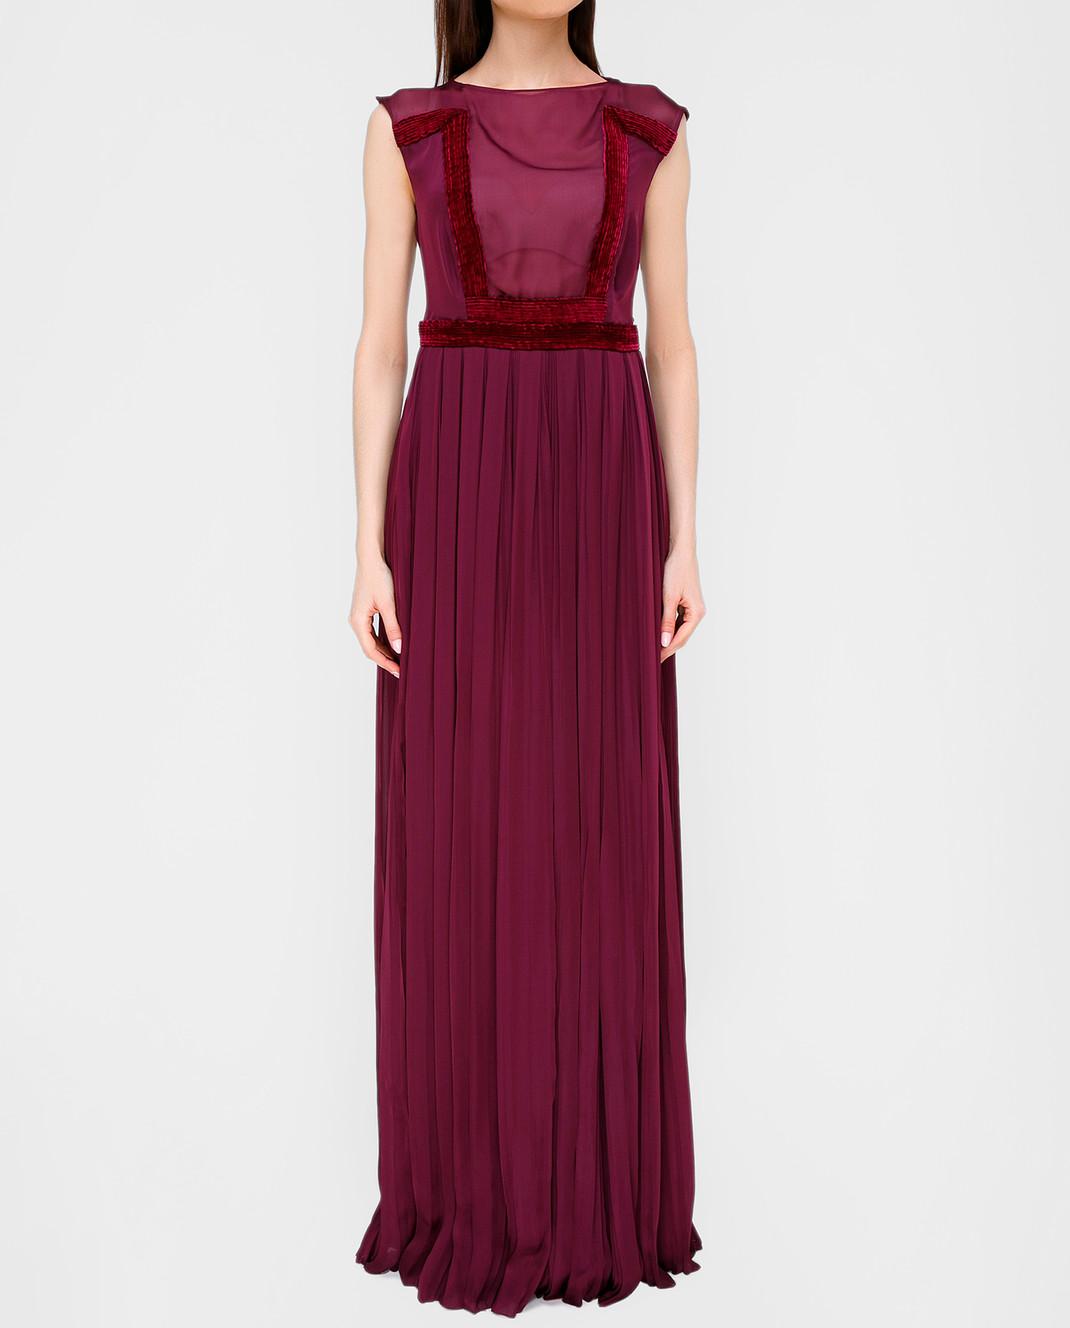 LARUSMIANI Бордовое платье из шелка 077581 изображение 3